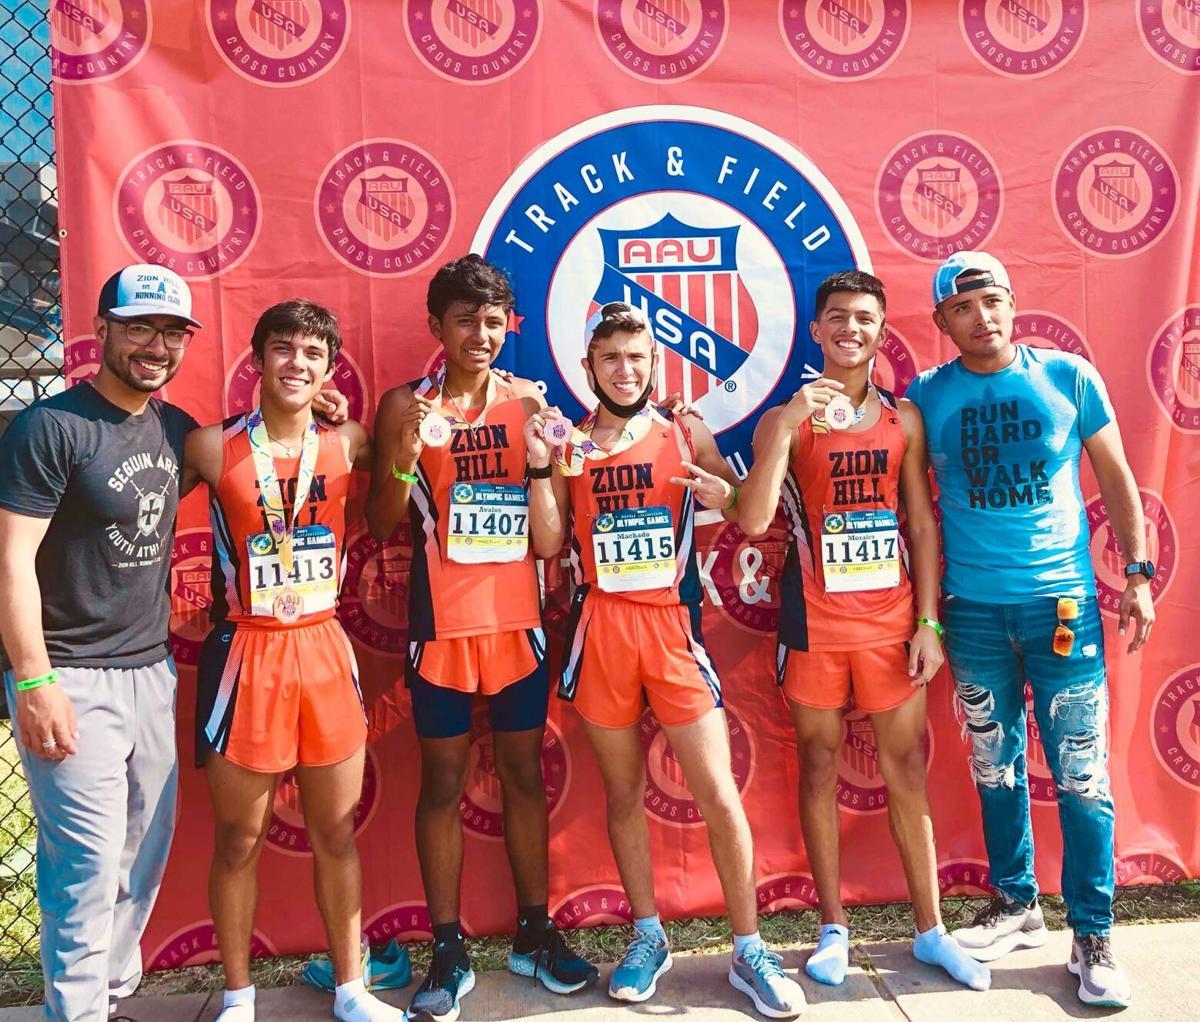 AAU Junior Oylimpics